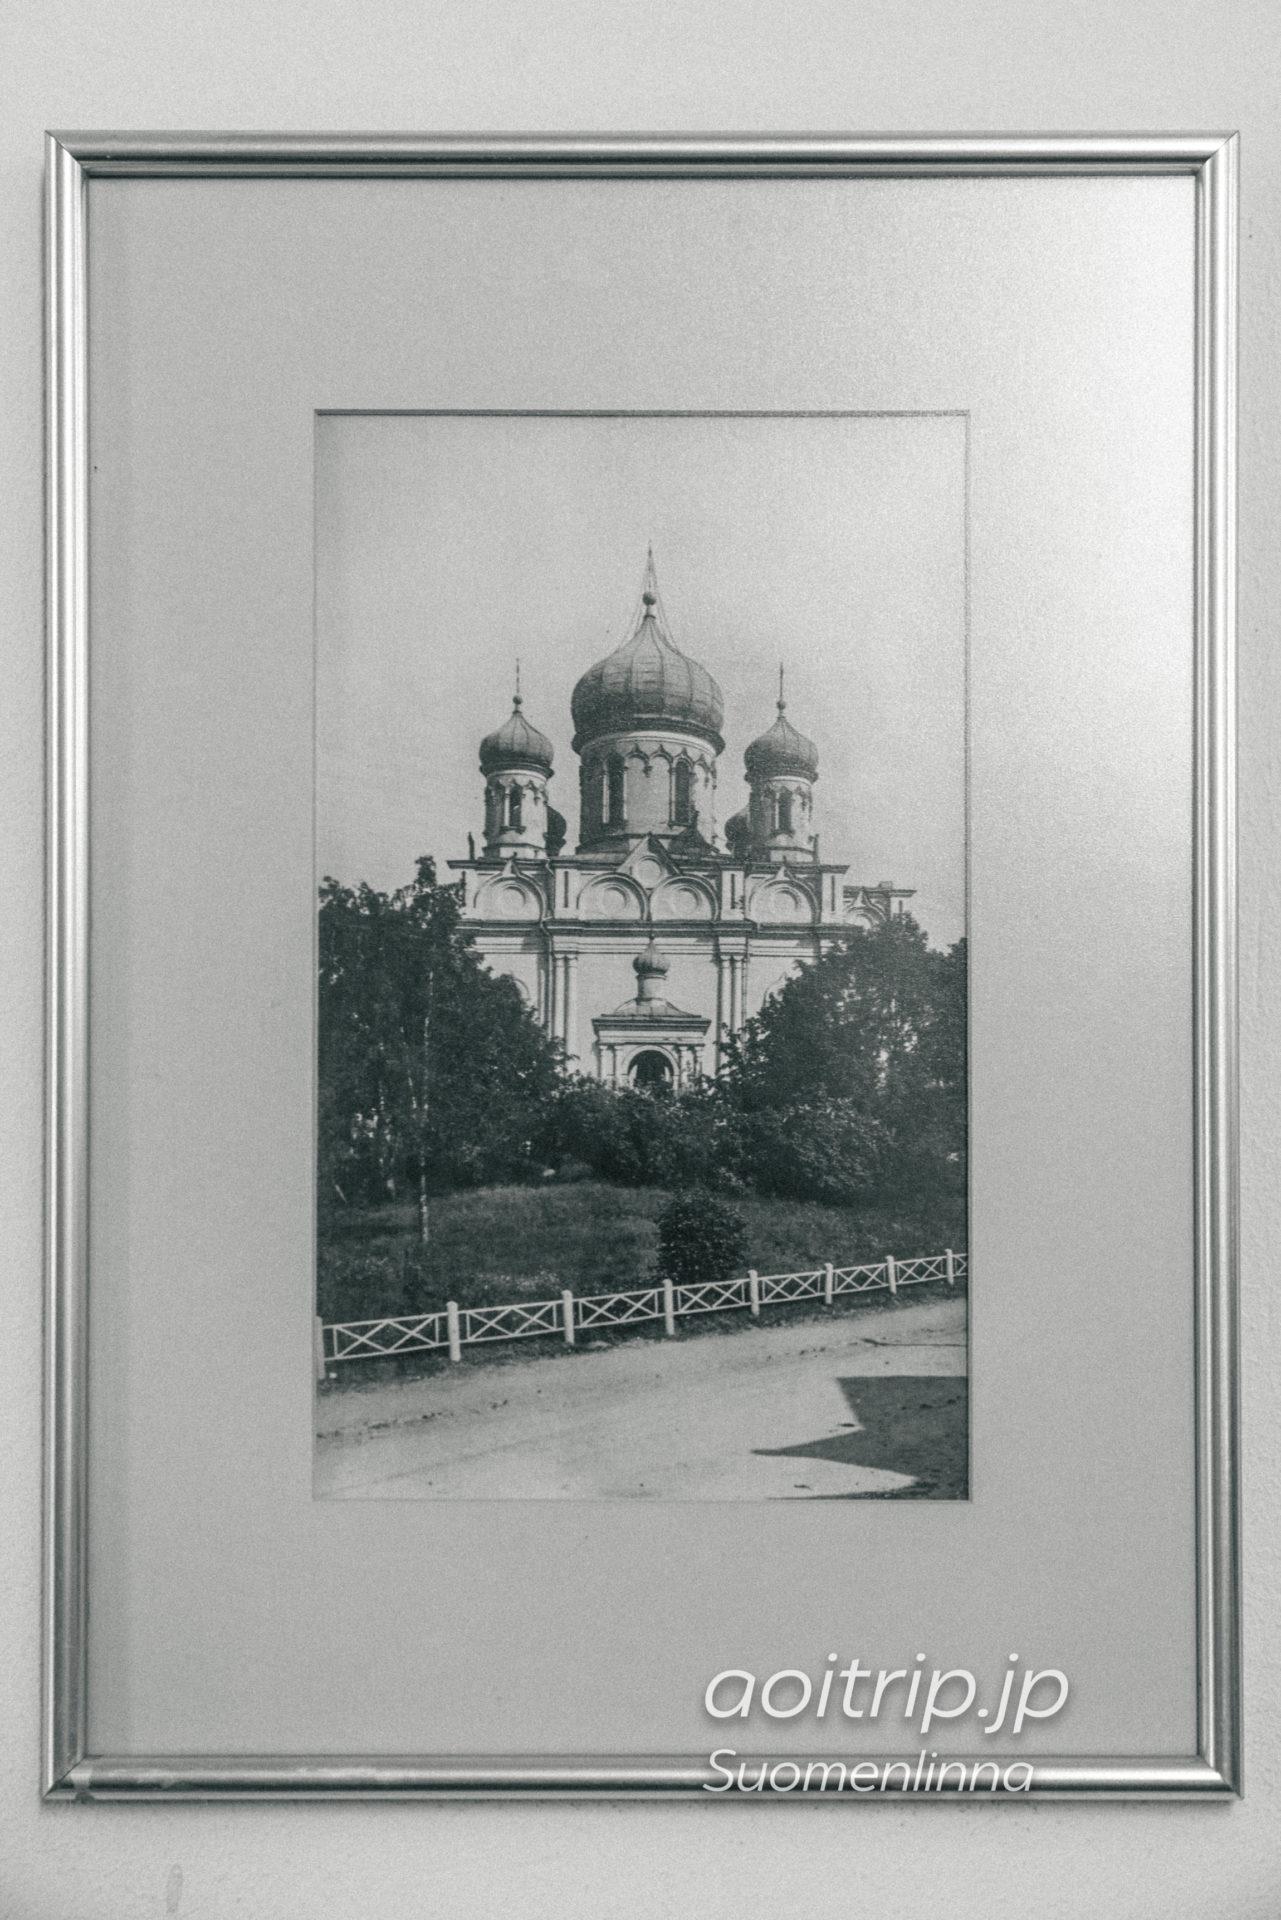 帝政ロシア時代のスオメンリンナ教会